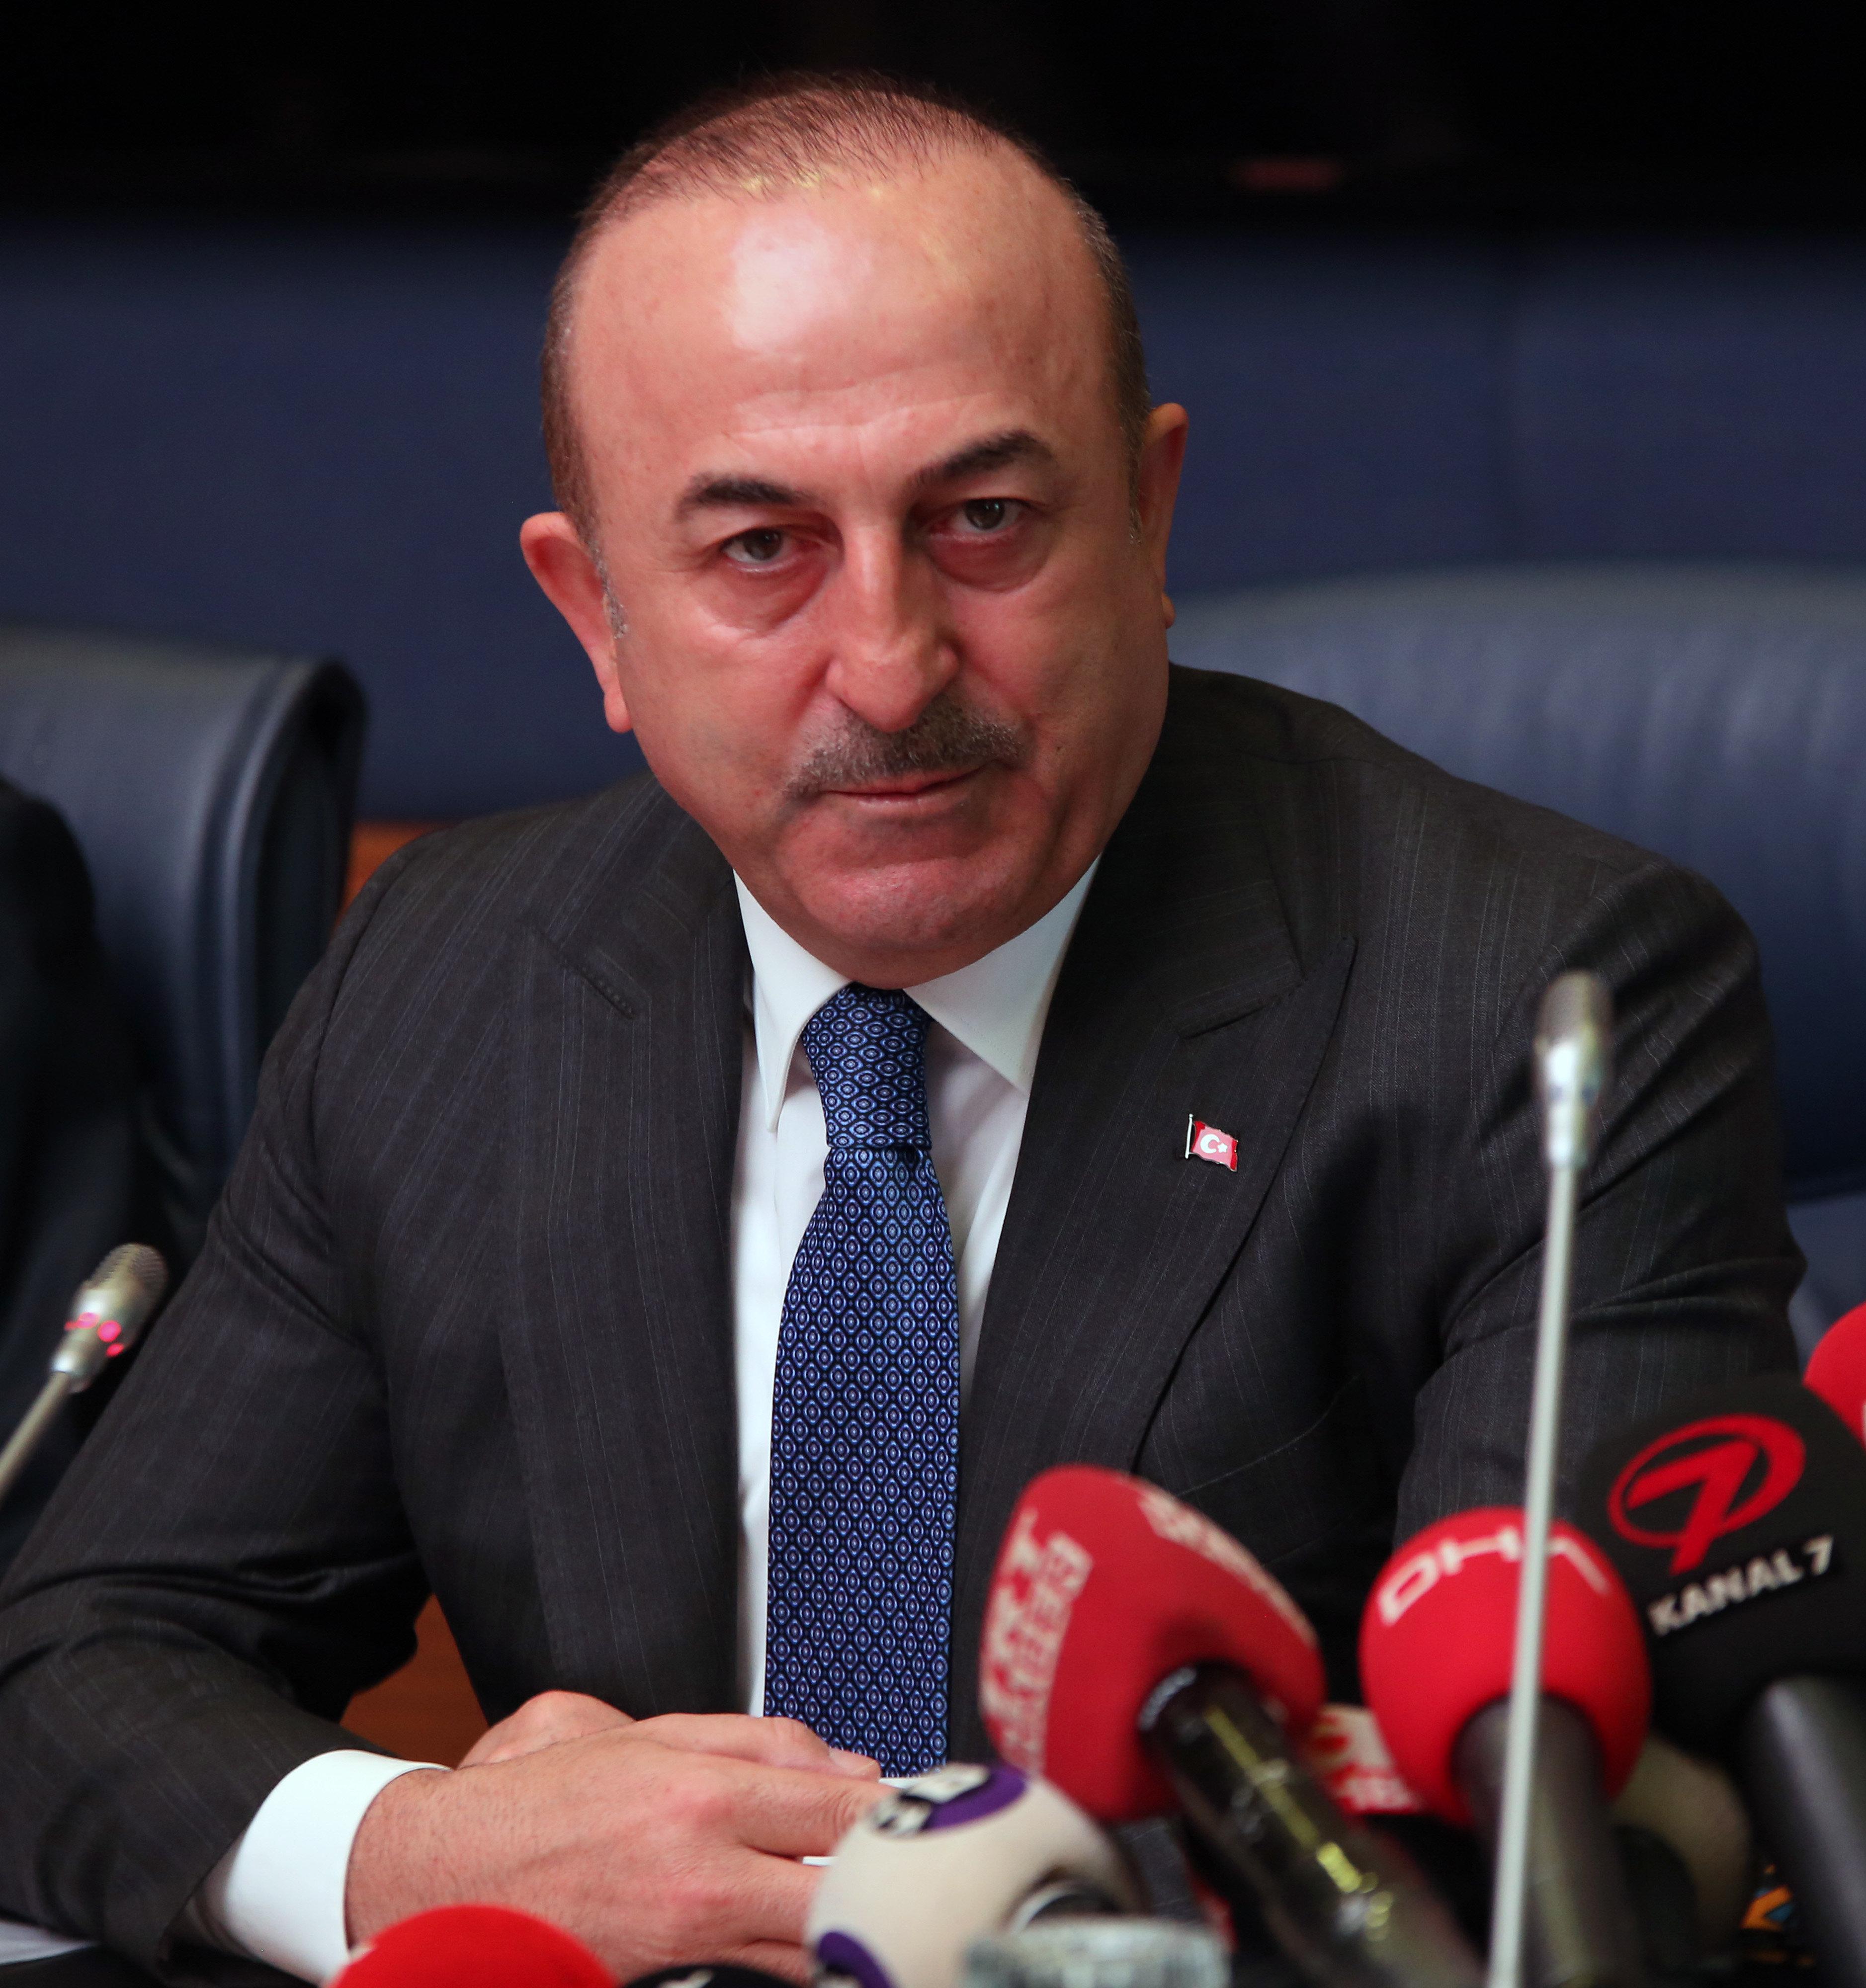 Τσαβούσογλου: Θα χτυπήσουμε τους Κούρδους στη βόρεια Συρία είτε οι ΗΠΑ αποχωρήσουν είτε